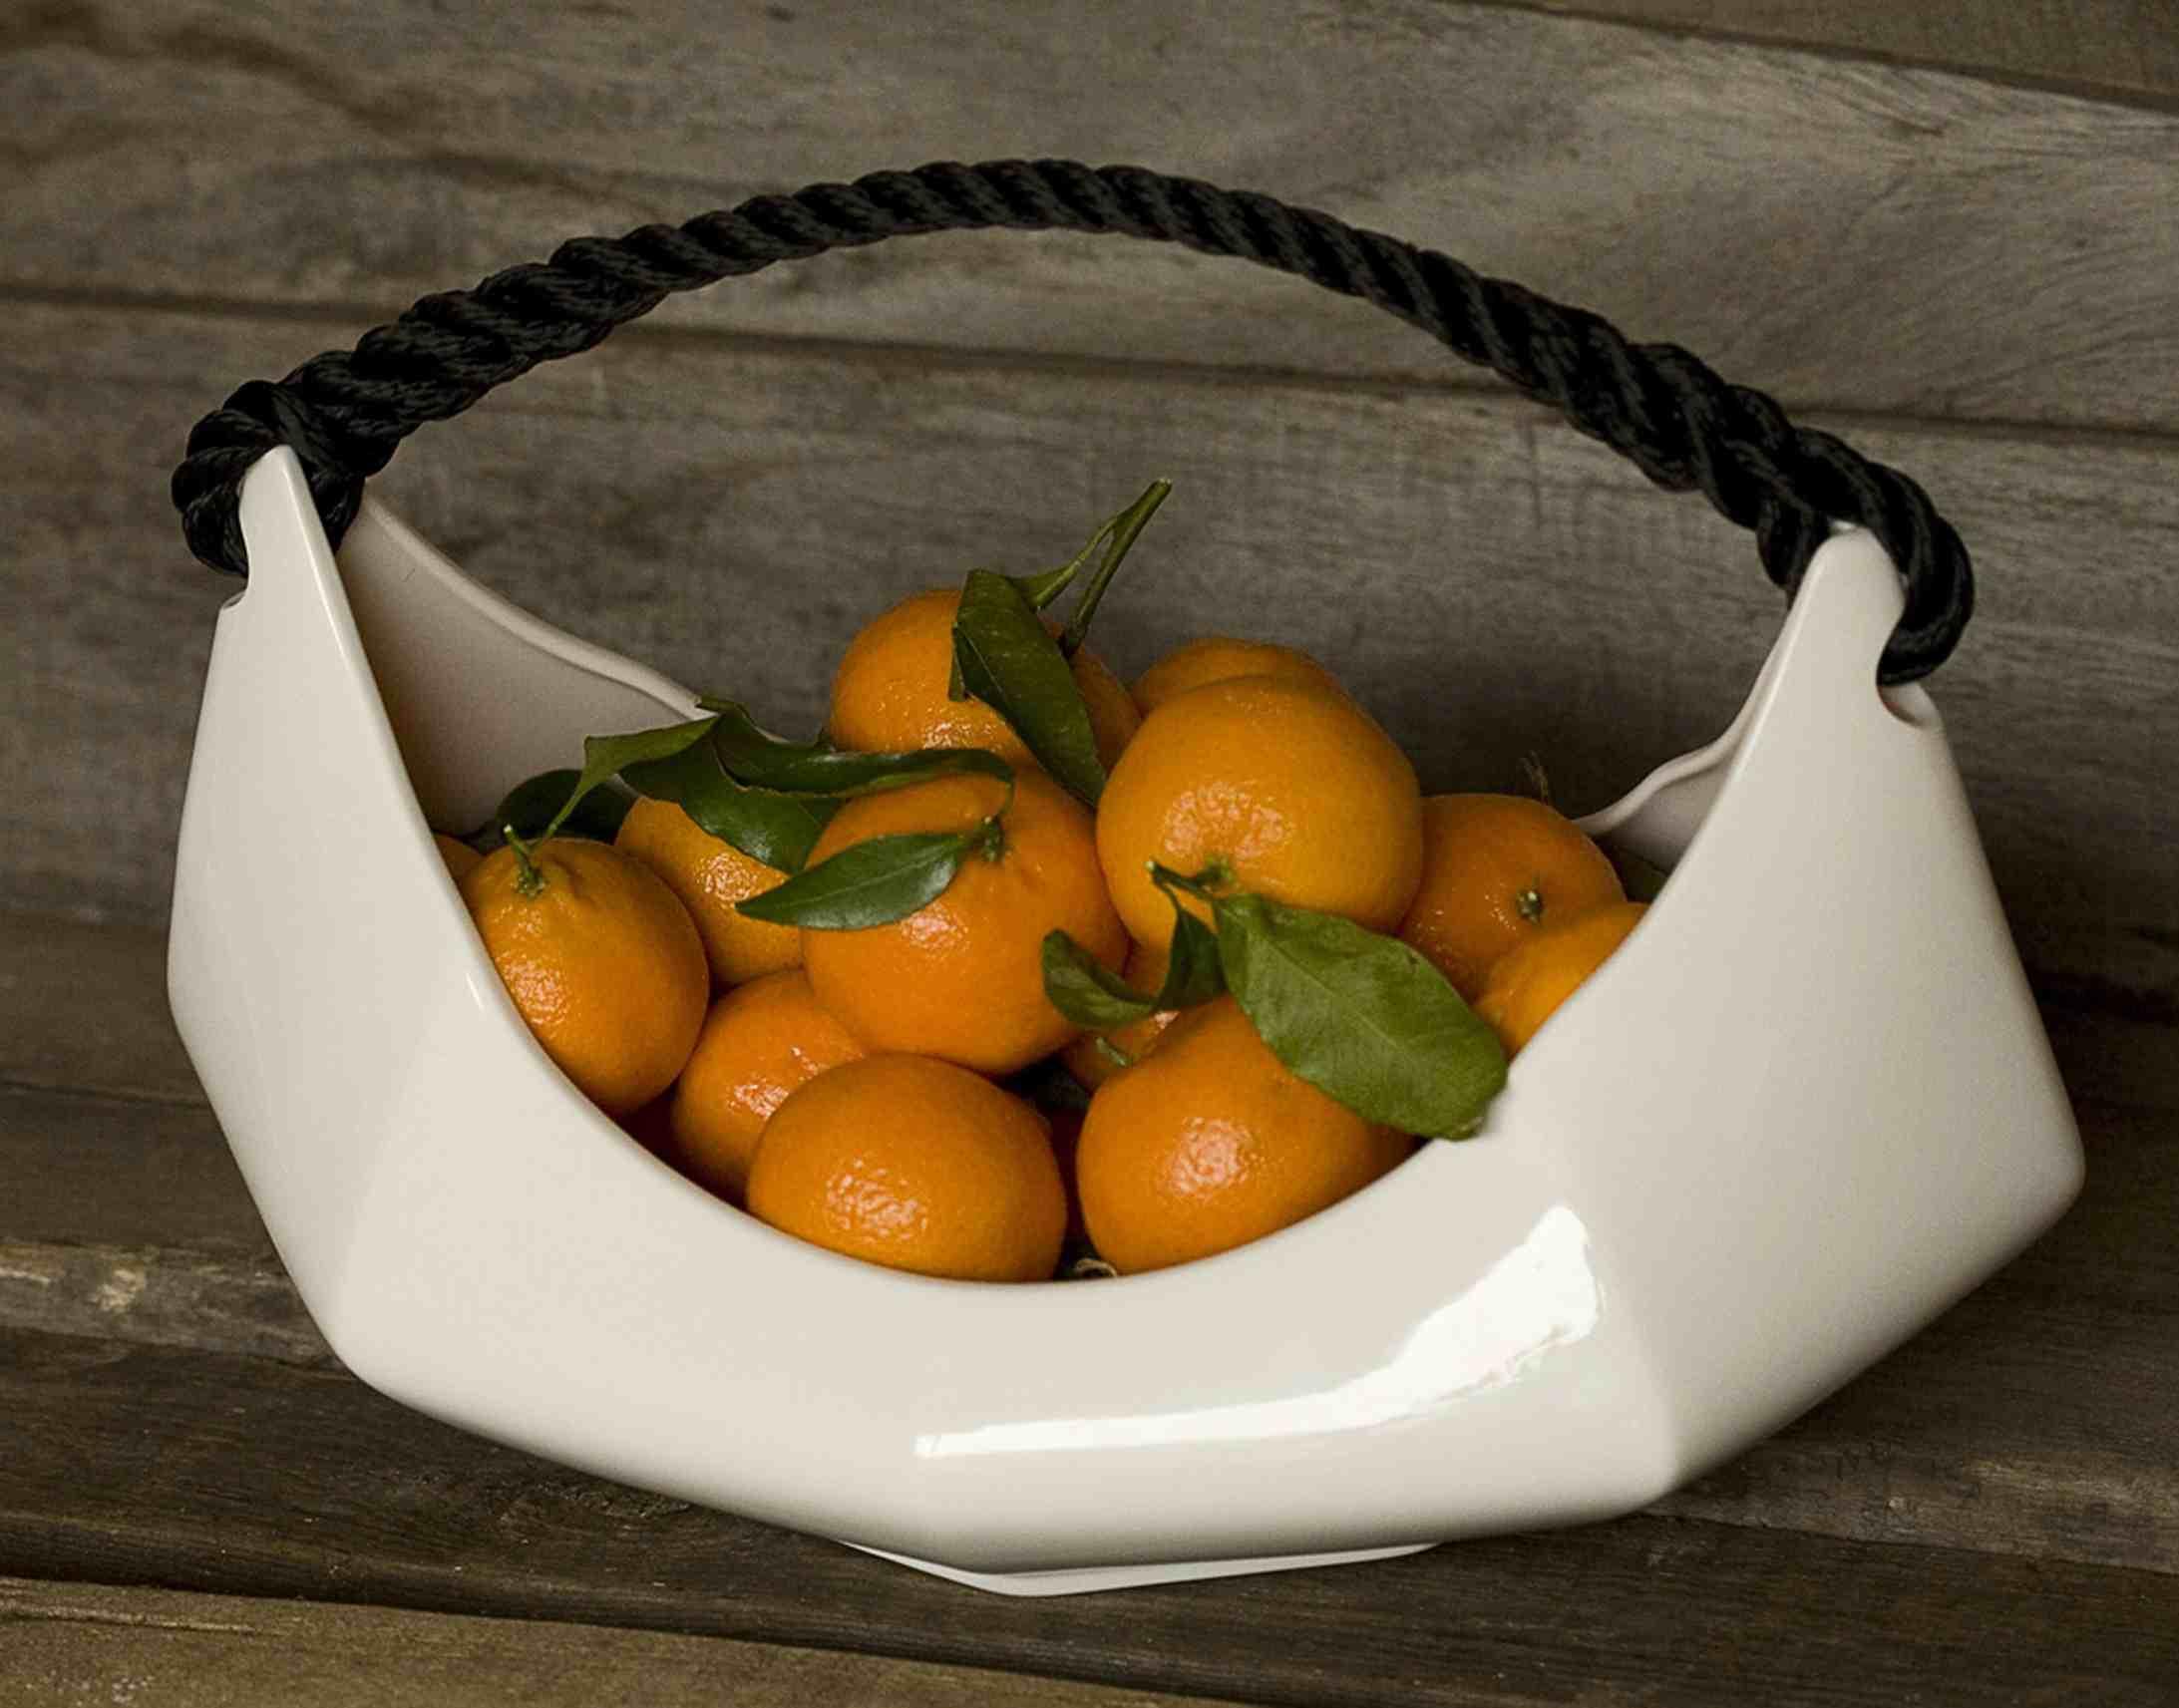 black_oranges2.sm